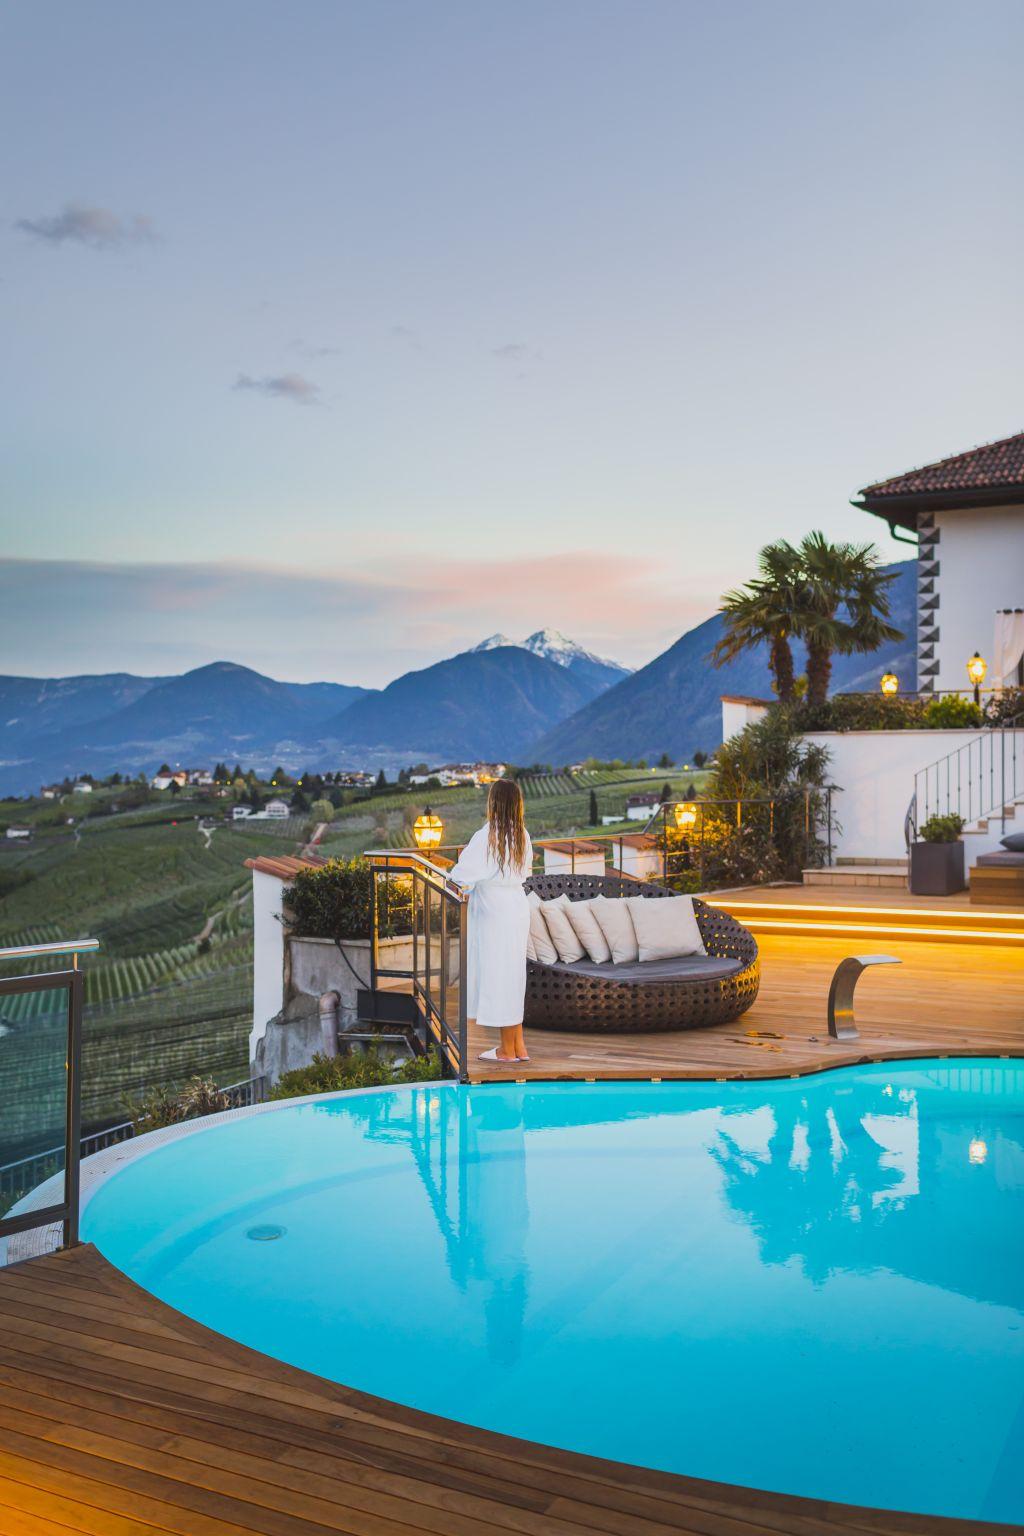 Hotelpool mit traumhafter Bergkulisse bei Sonnenuntergang im Hotel Ansitz Golserhof (c) Tiberio Sorvillo